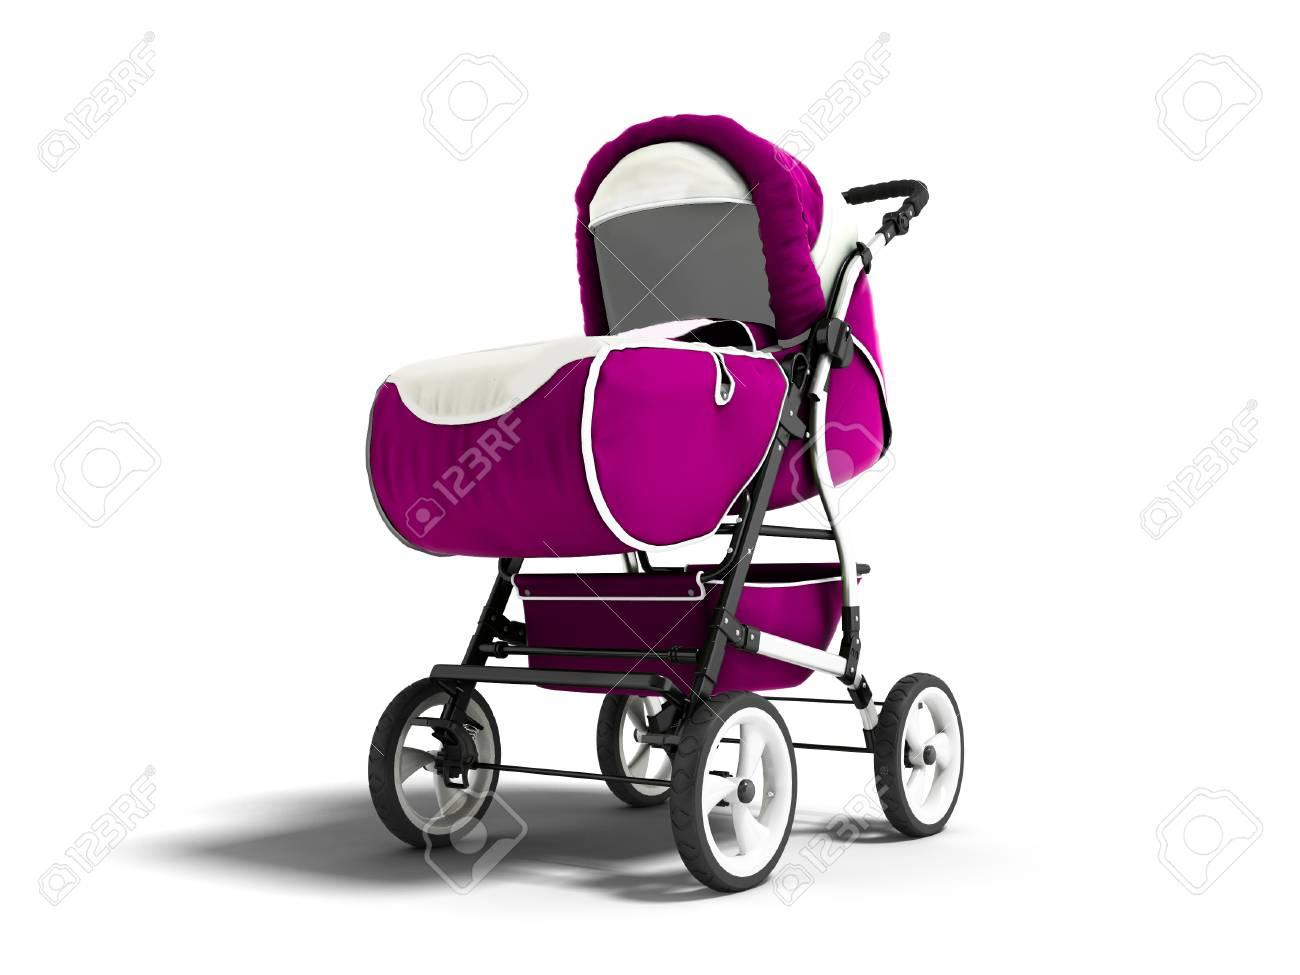 Carro púrpura del bebé moderno para cualquier tiempo con la representación blanca del cincel 3d en un fondo blanco con la sombra